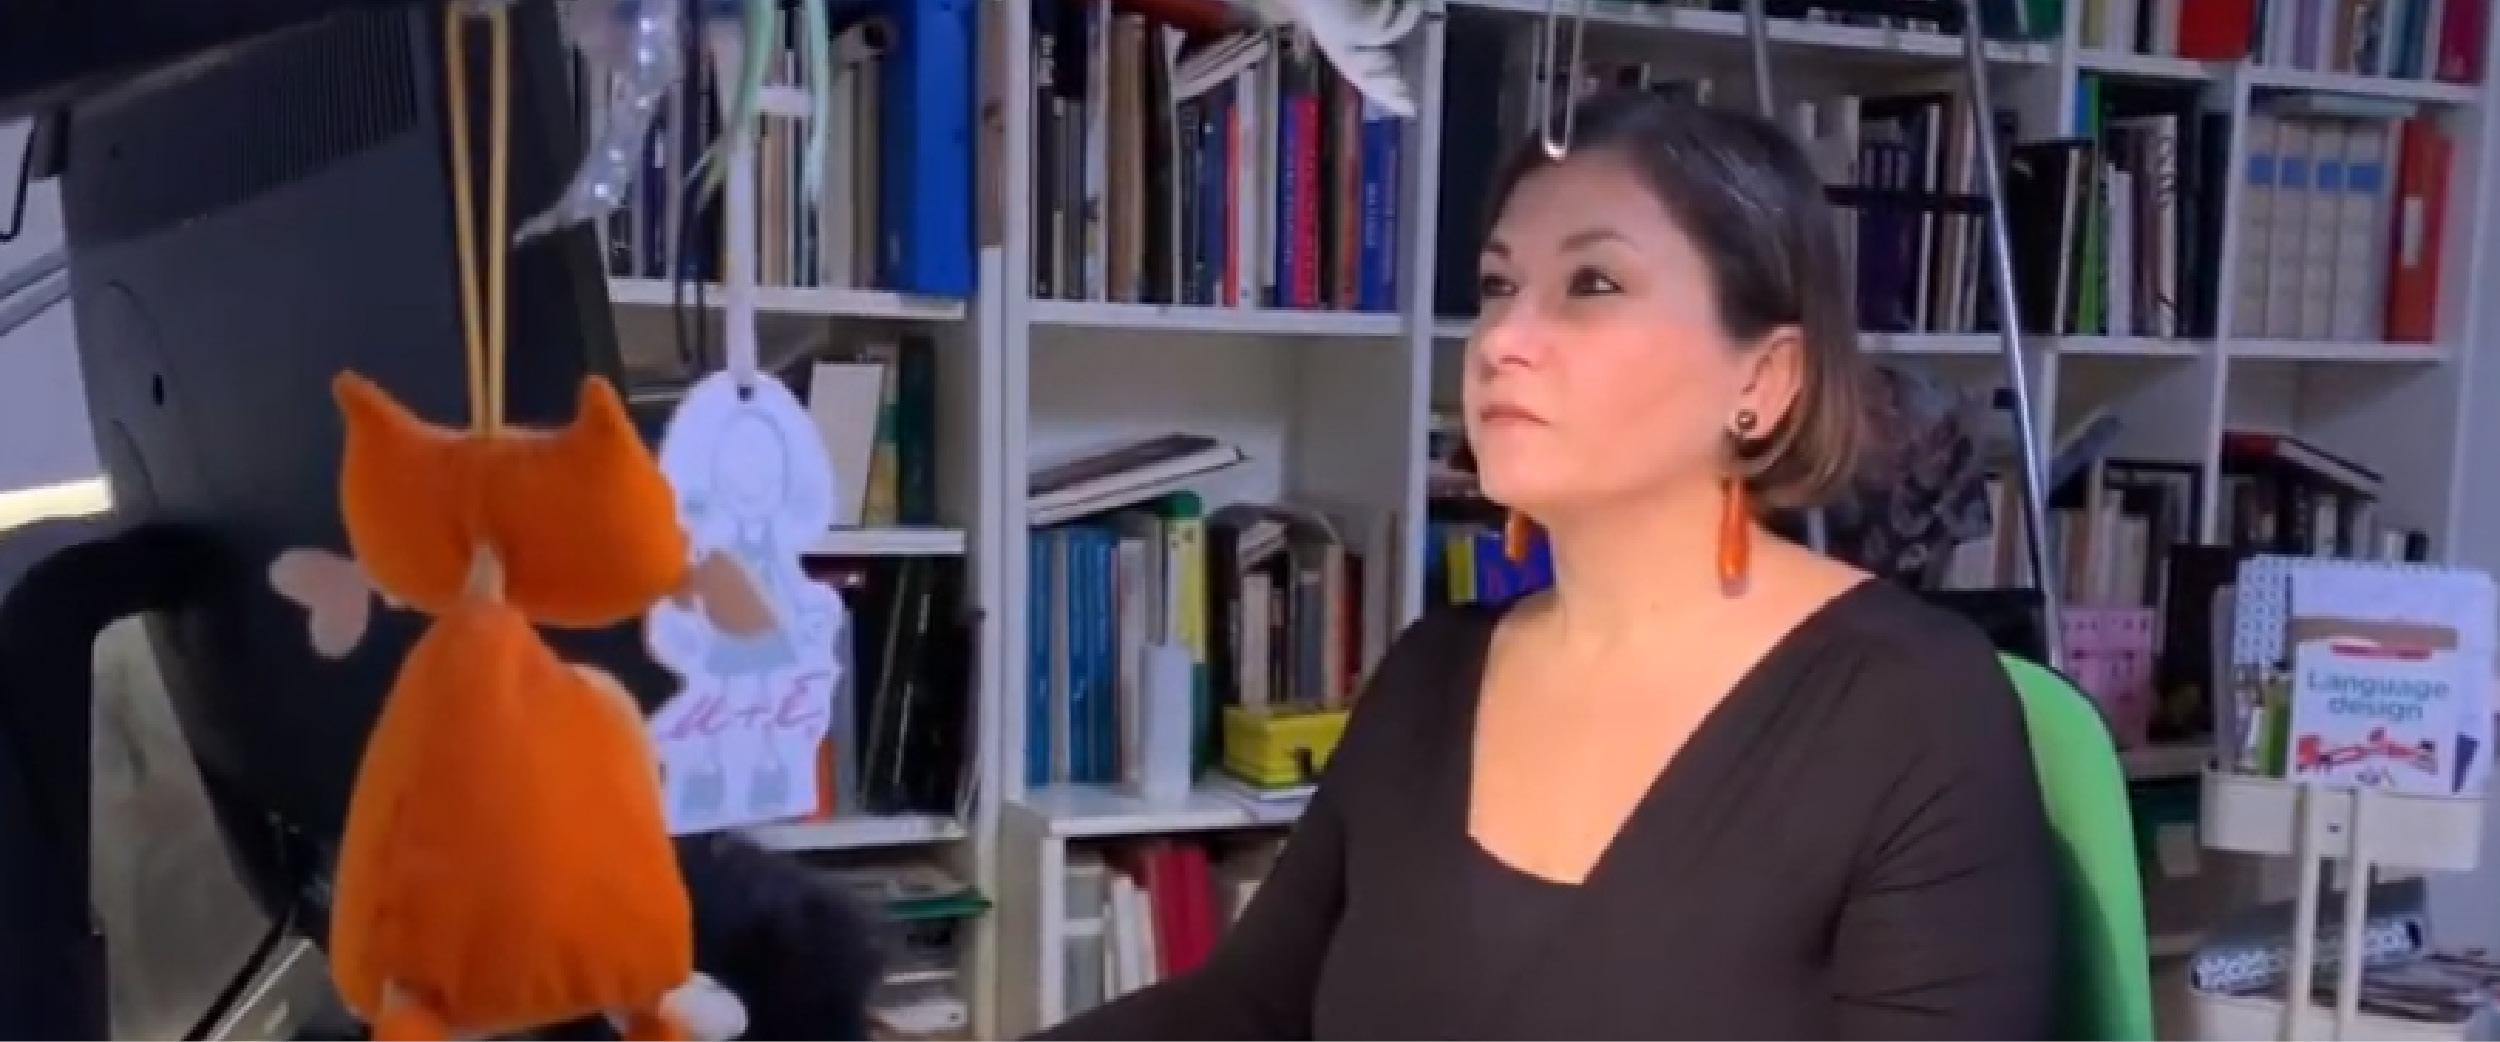 Cristina Ortolani - intervista di Alberto Pancrazi per La Forza di cambiare